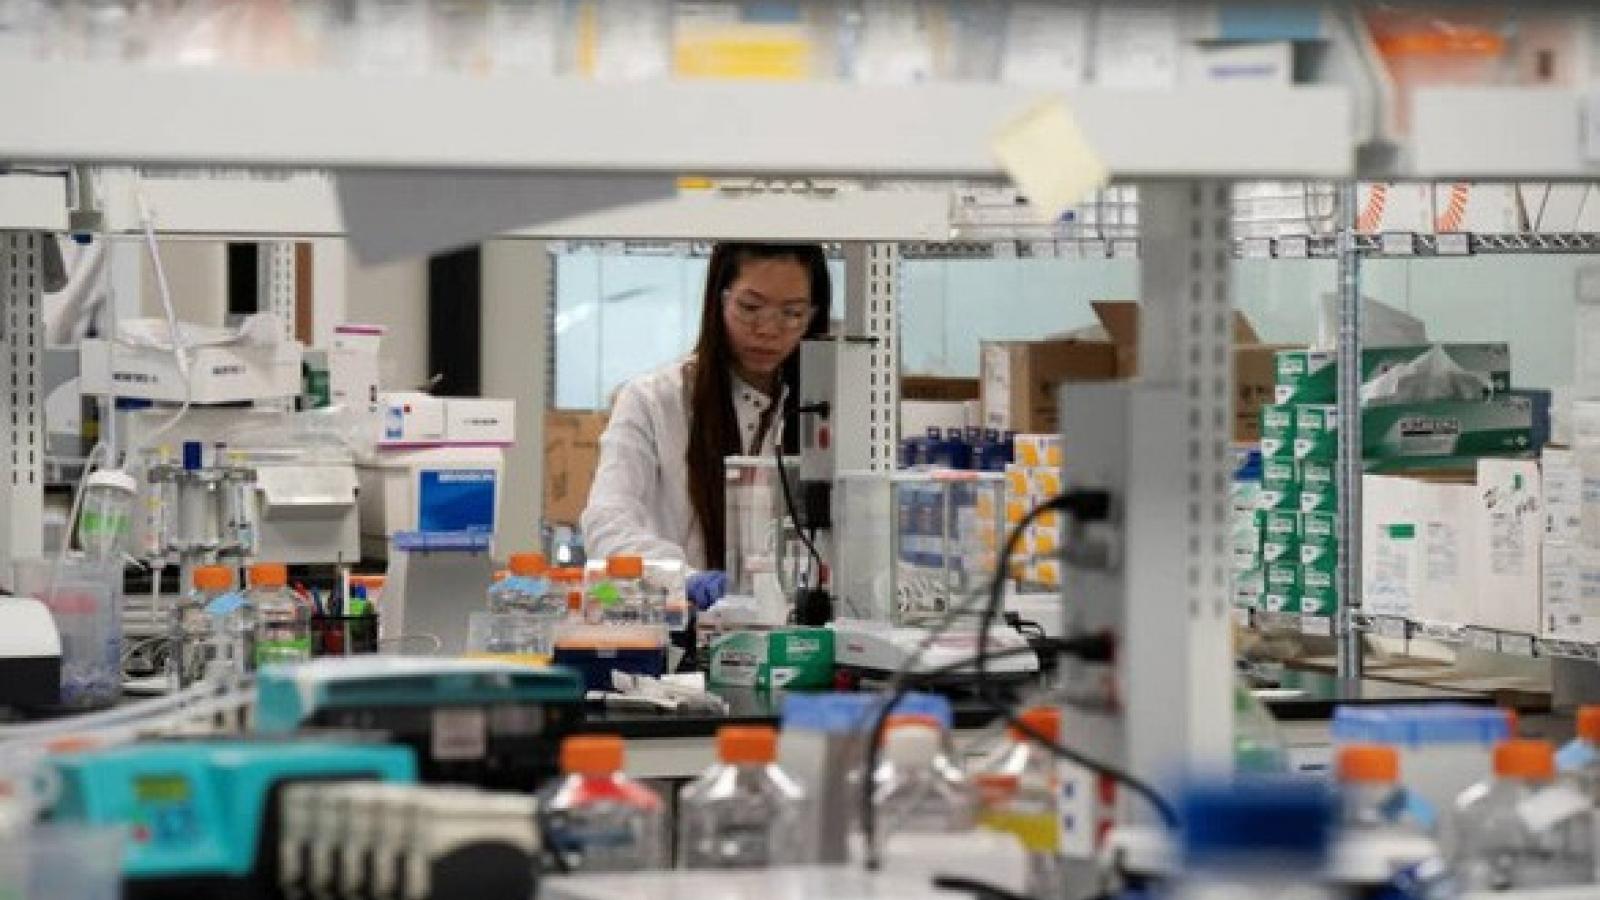 Na Uy đóng góp 1 tỷ USD cho quỹ nghiên cứu vaccine phòng dịch Covid-19